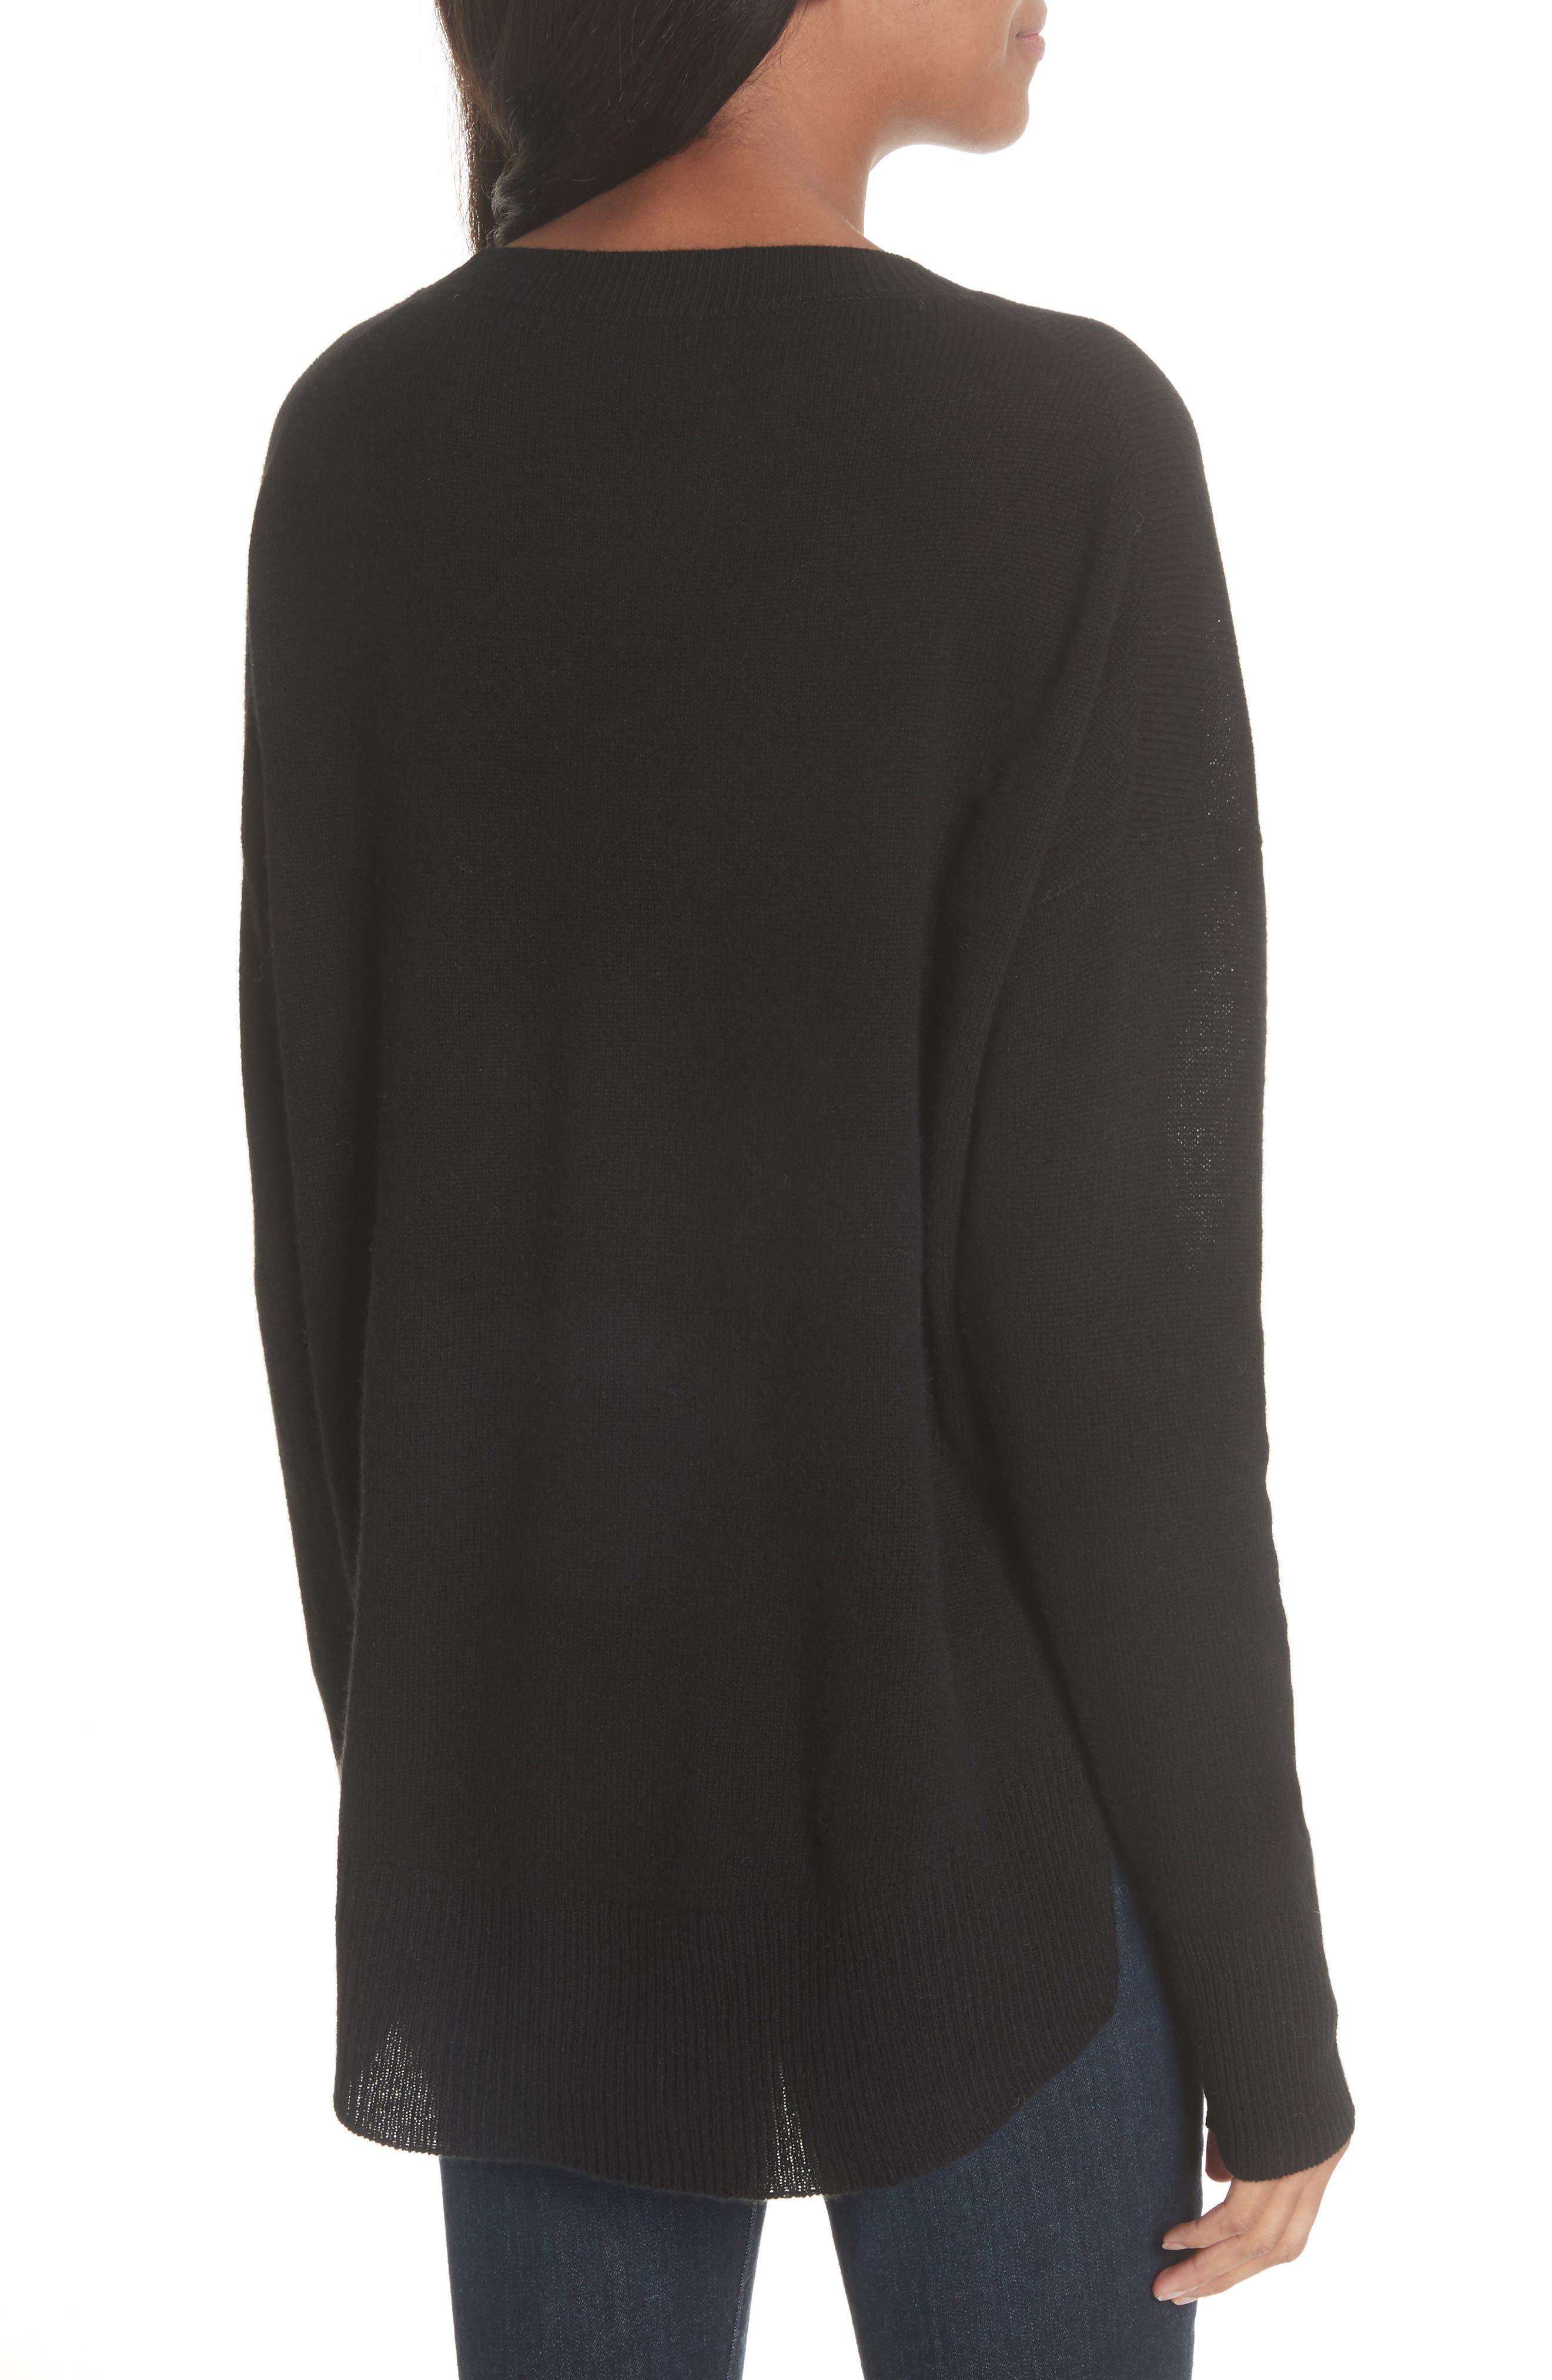 Karenia L Cashmere Sweater,                             Alternate thumbnail 2, color,                             Black